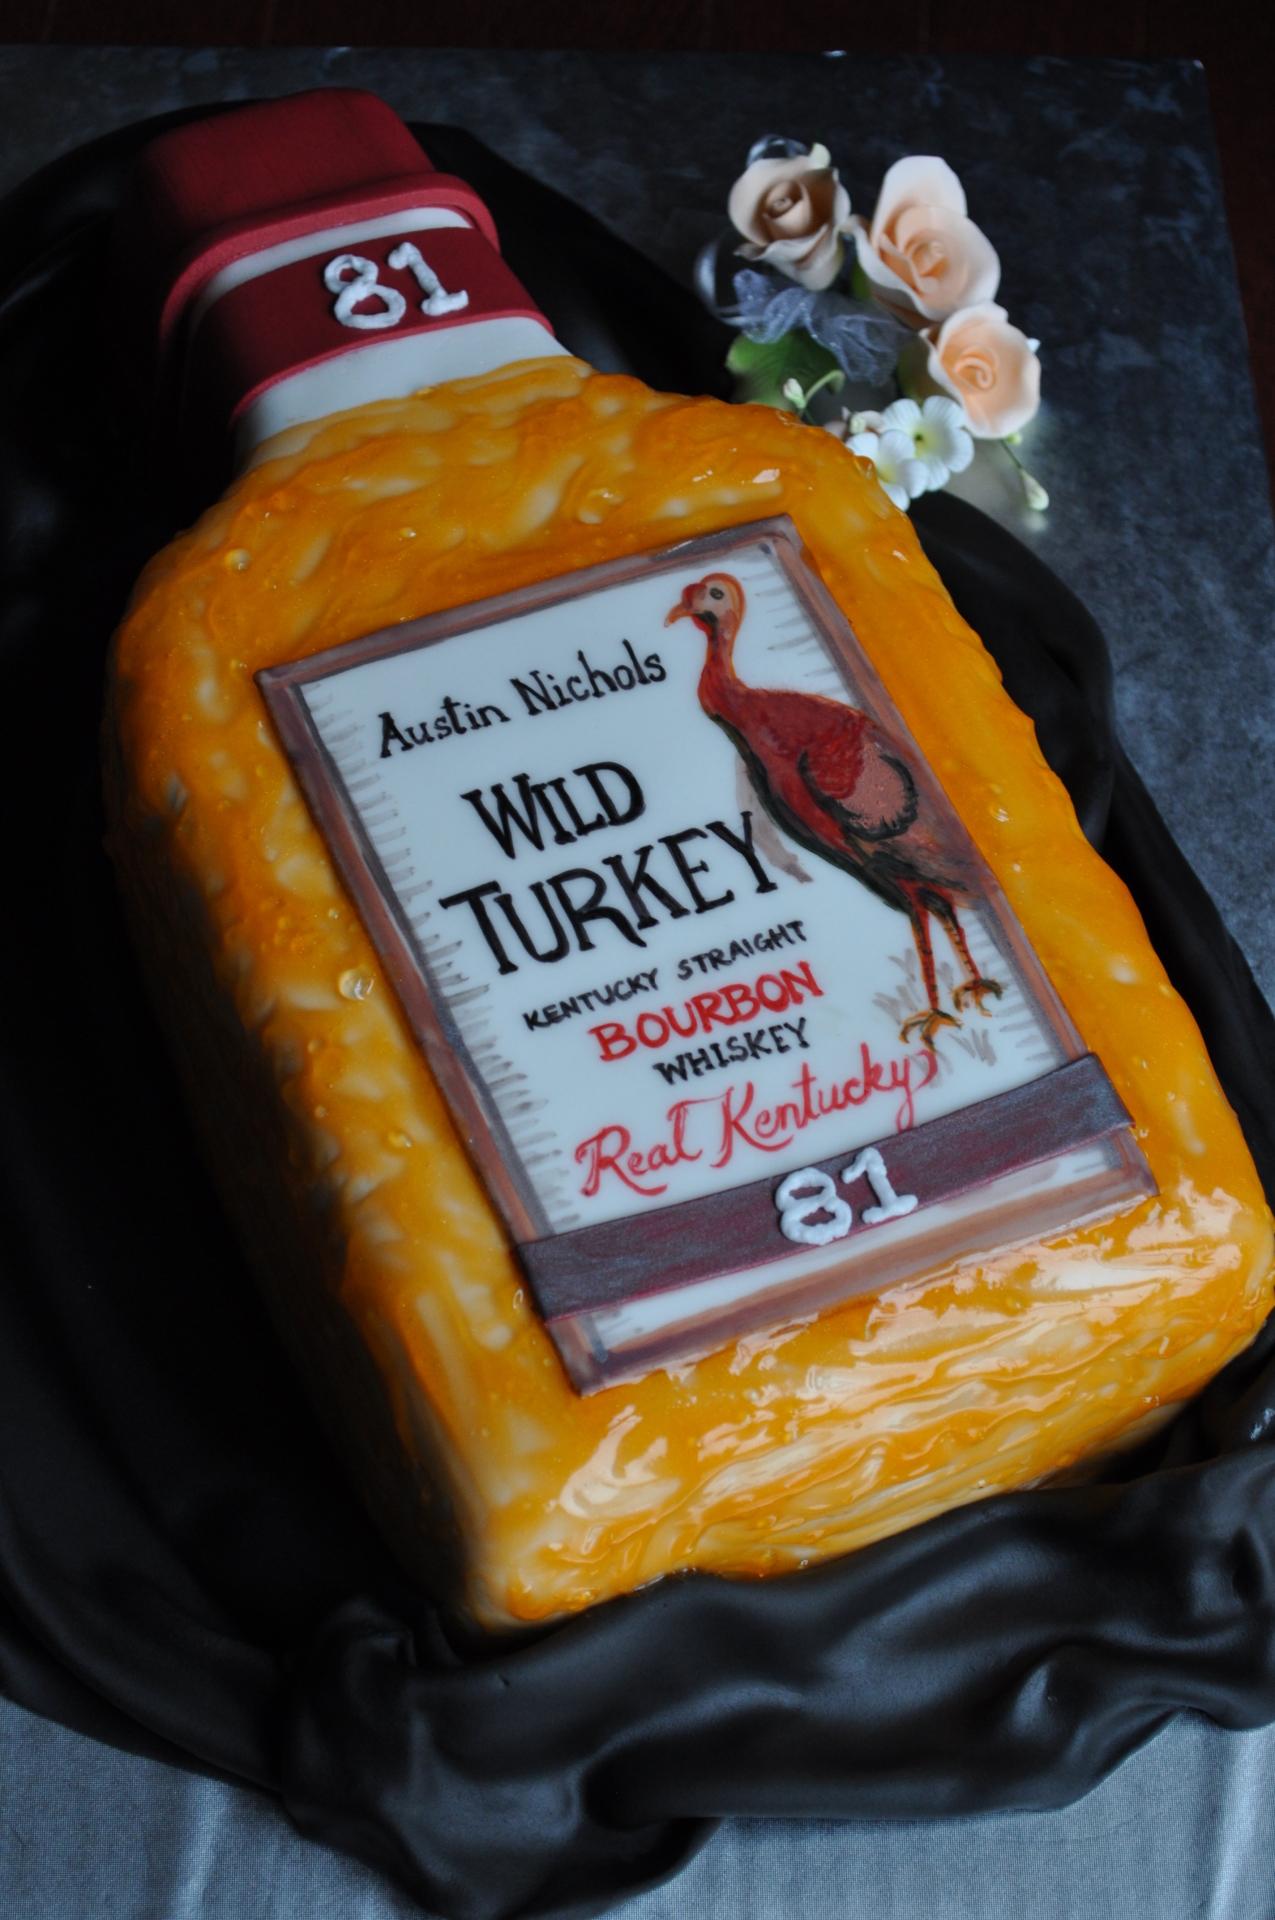 Wild Turkey bottle cake